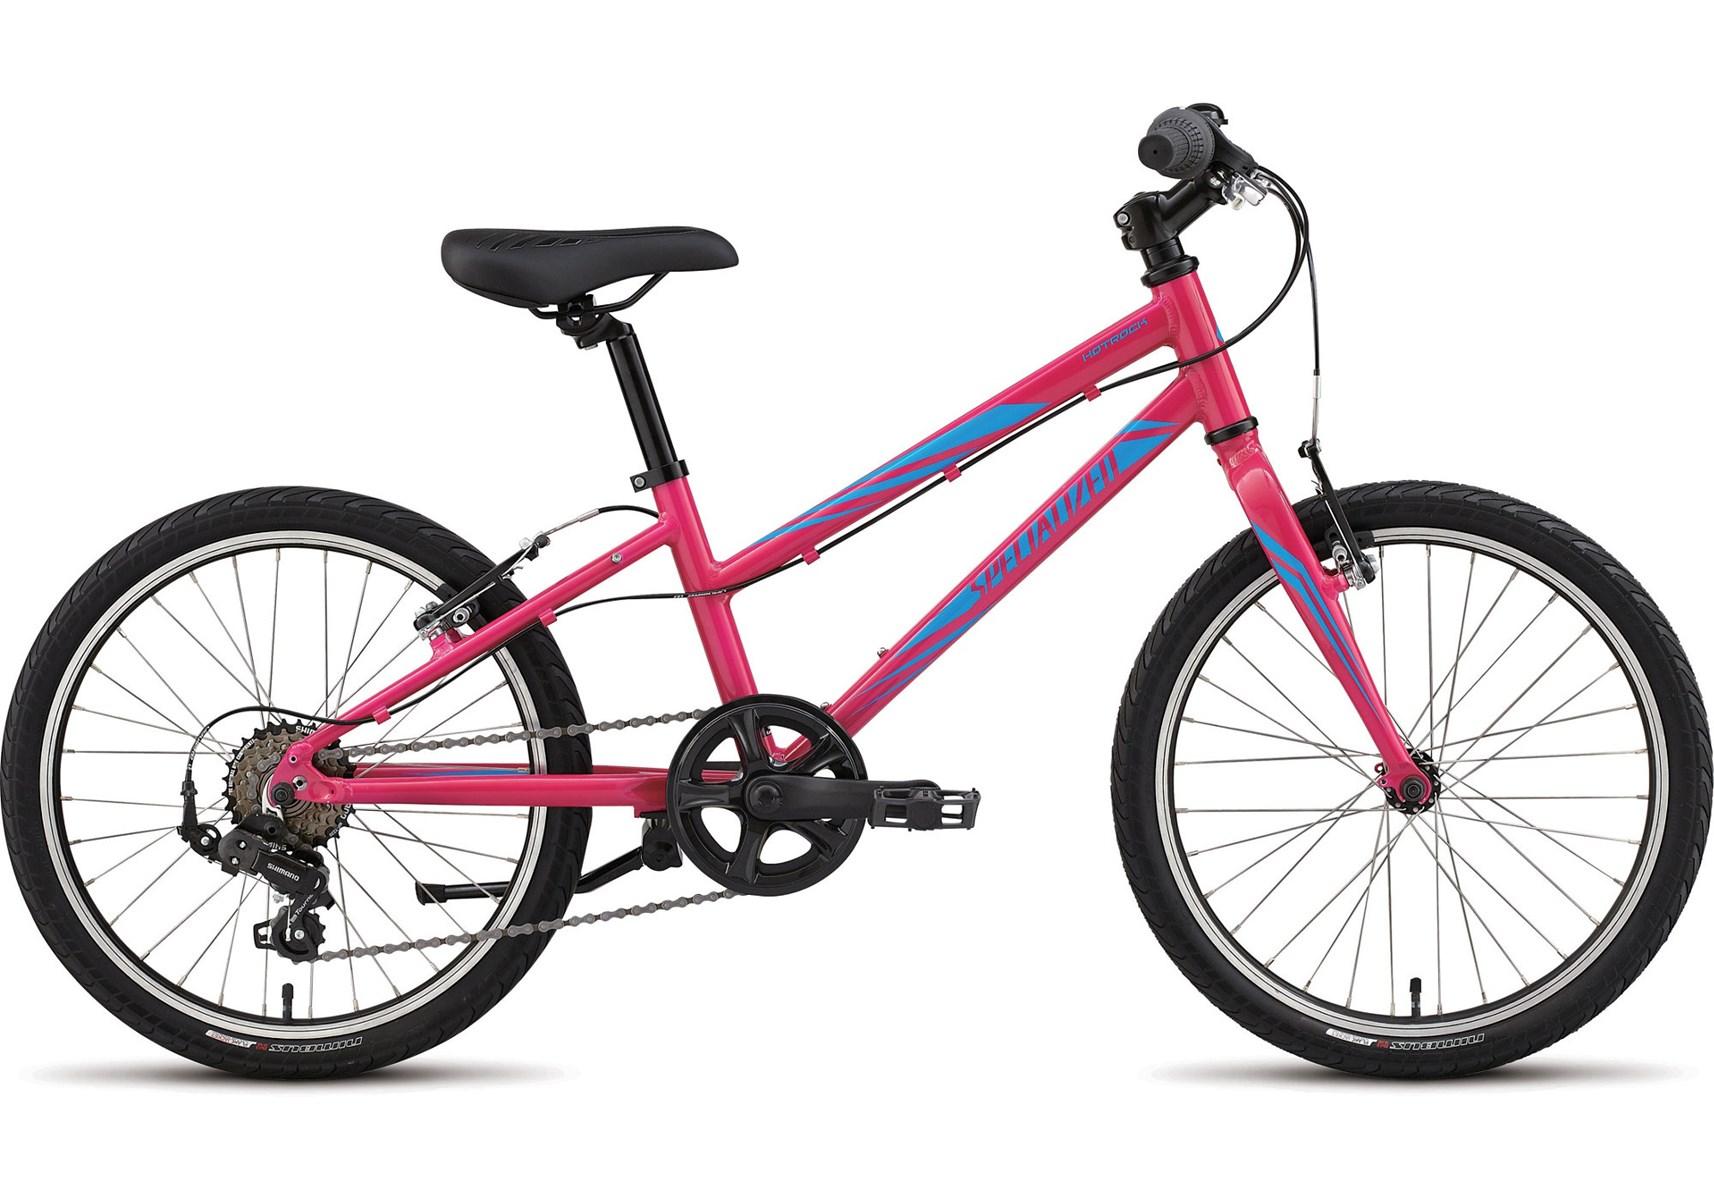 61e89af7702 Specialized Hotrock 20 Street 6 Speed 2017 Girls Bike Pink £250.00